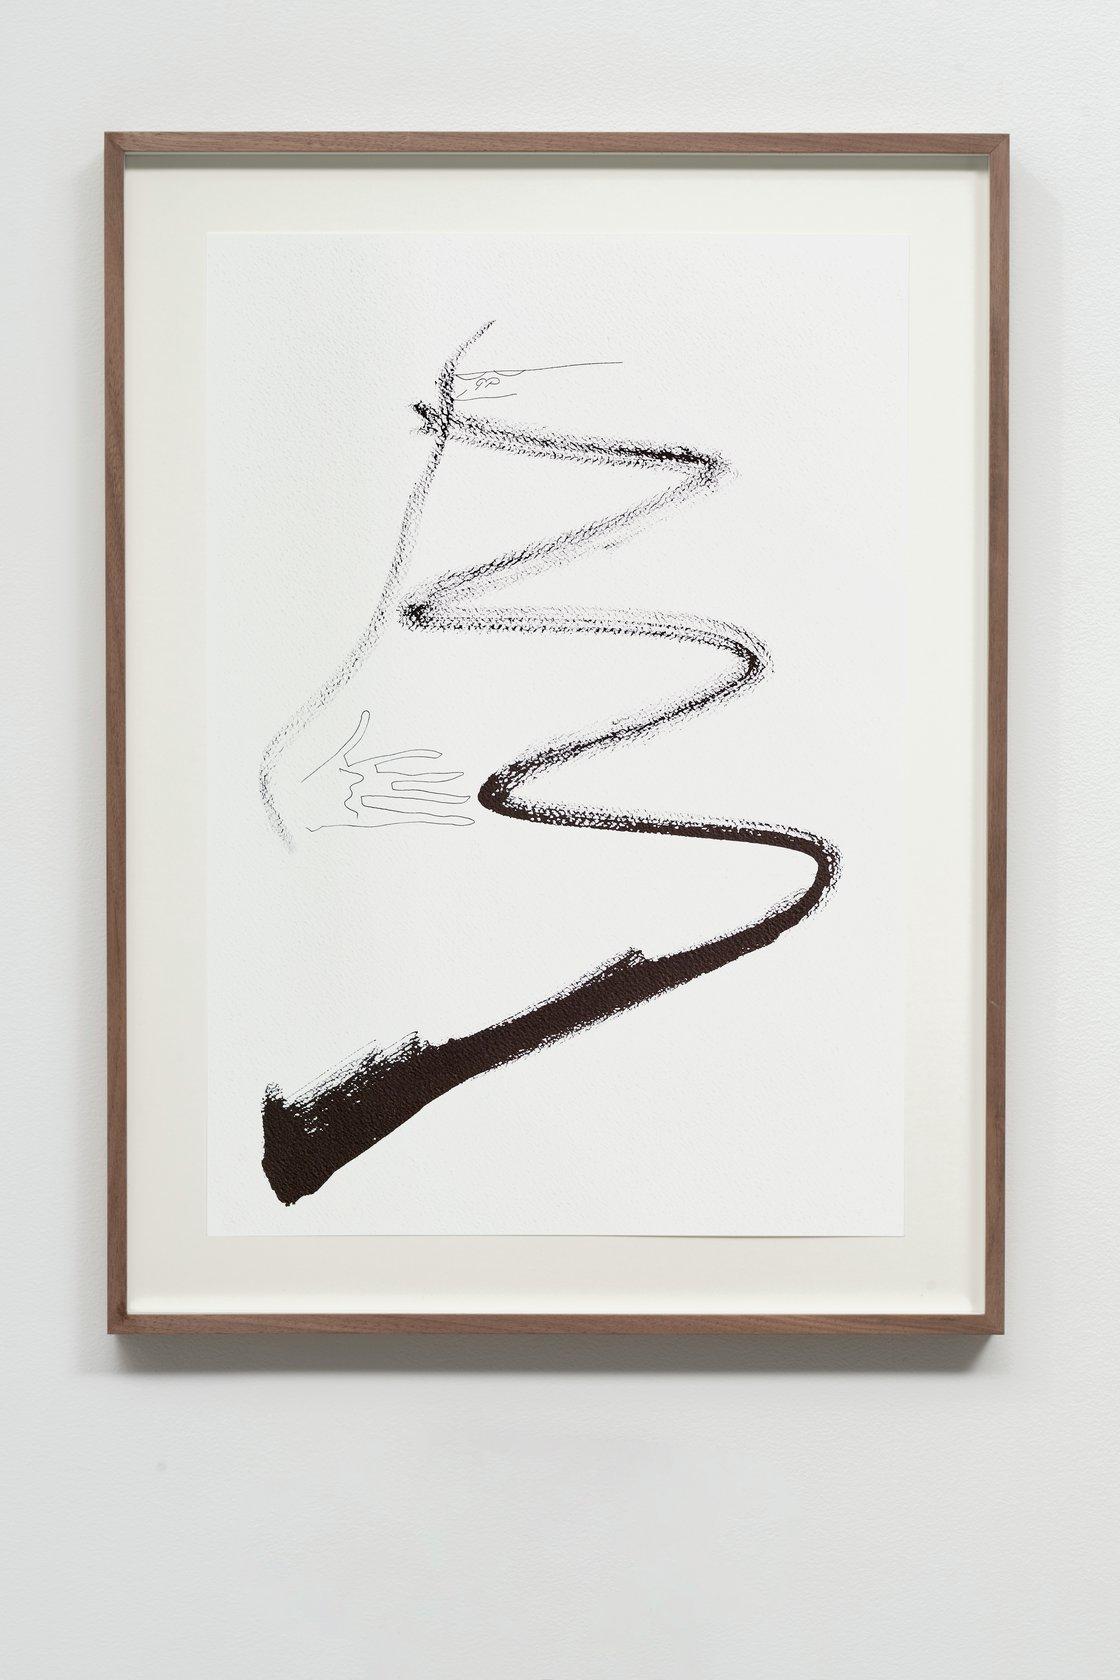 Abraham Cruzvillegas, Autoportrait avec pouce opposable L, 2020